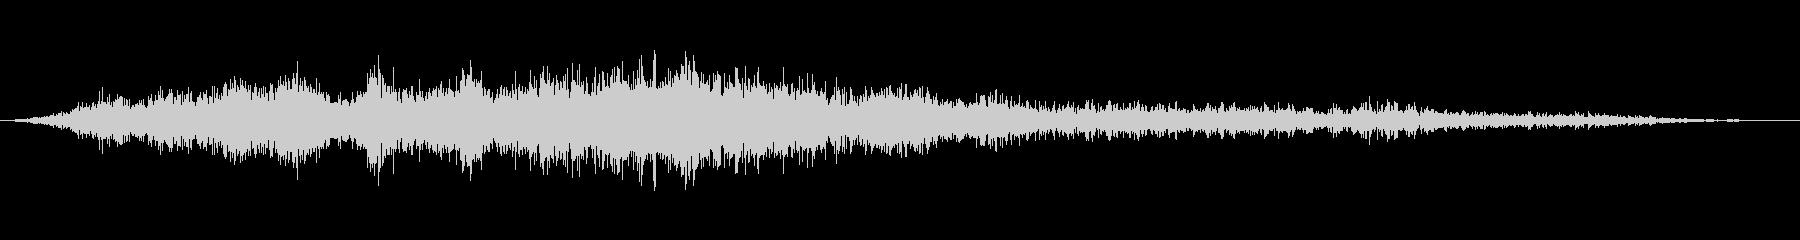 【環境音】飛行機の音01(羽田)の未再生の波形